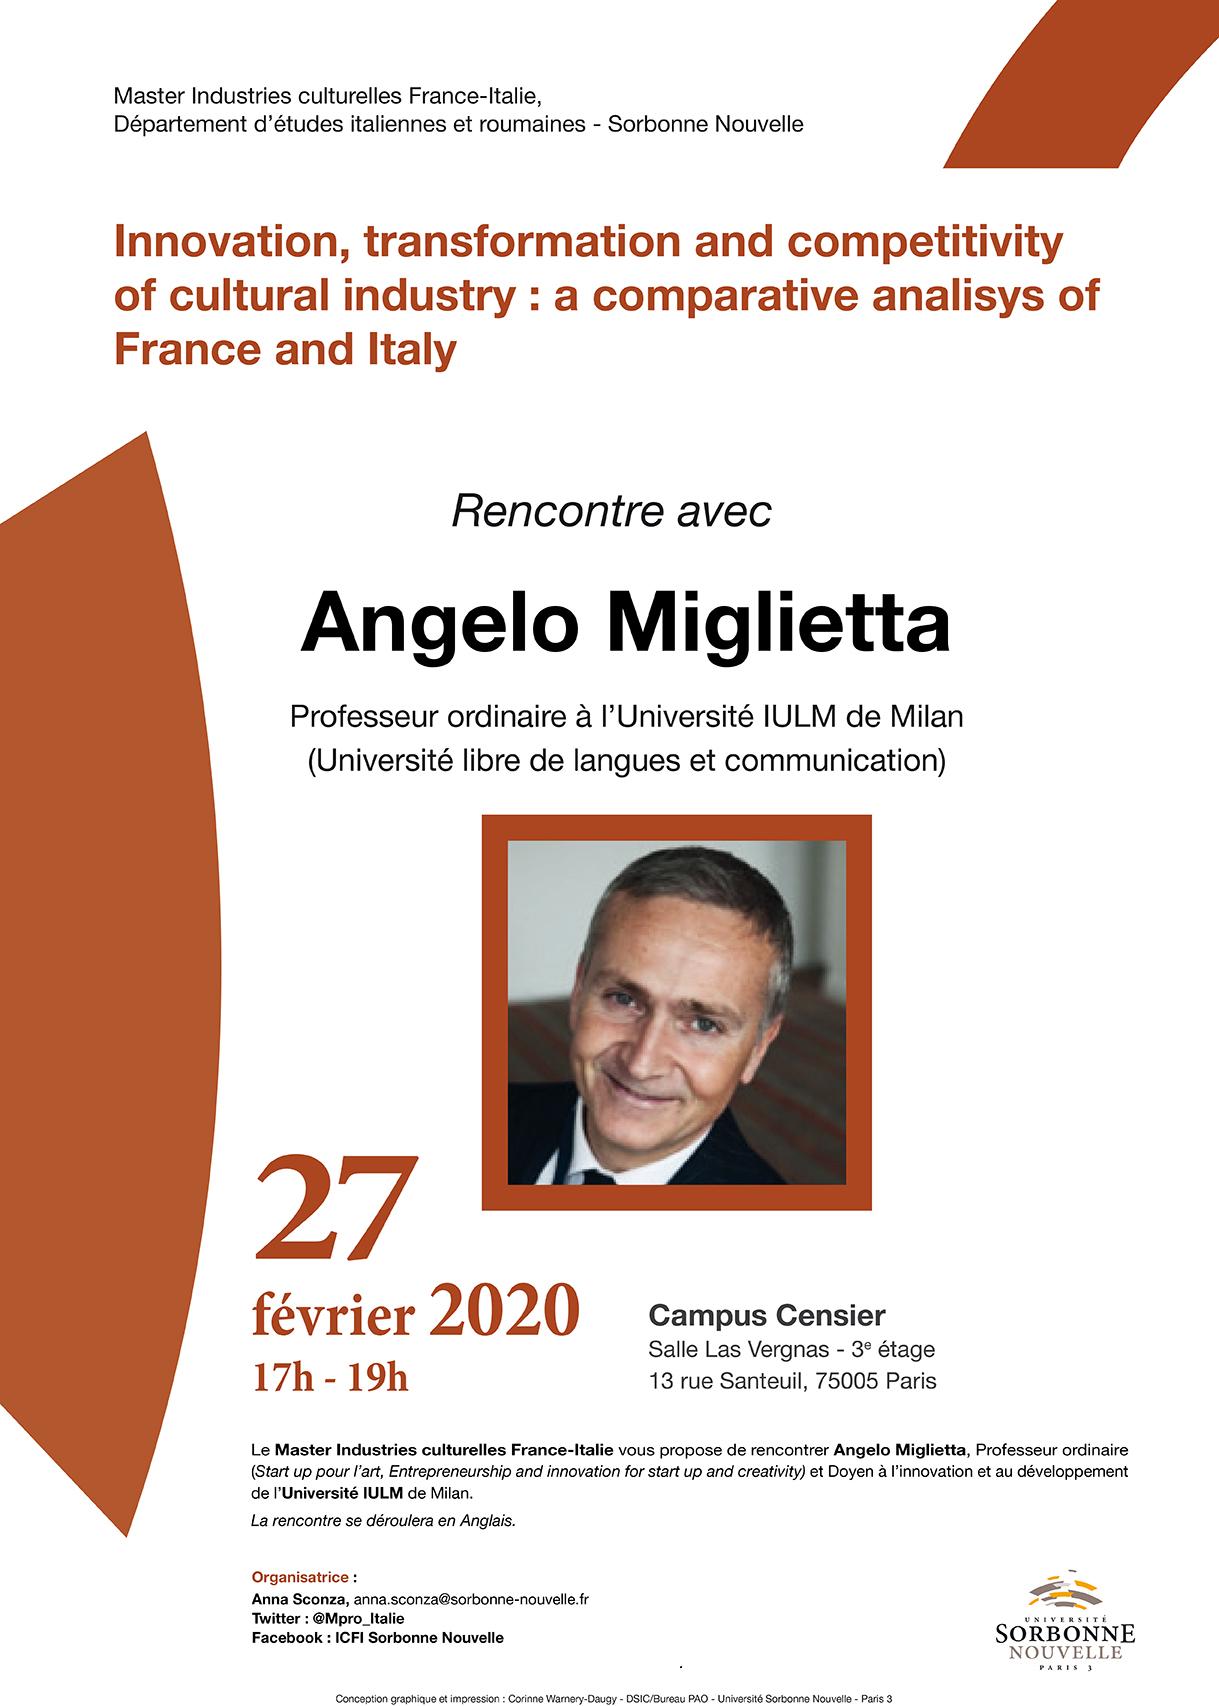 Affiche Angelo Miglietta 2020.jpg